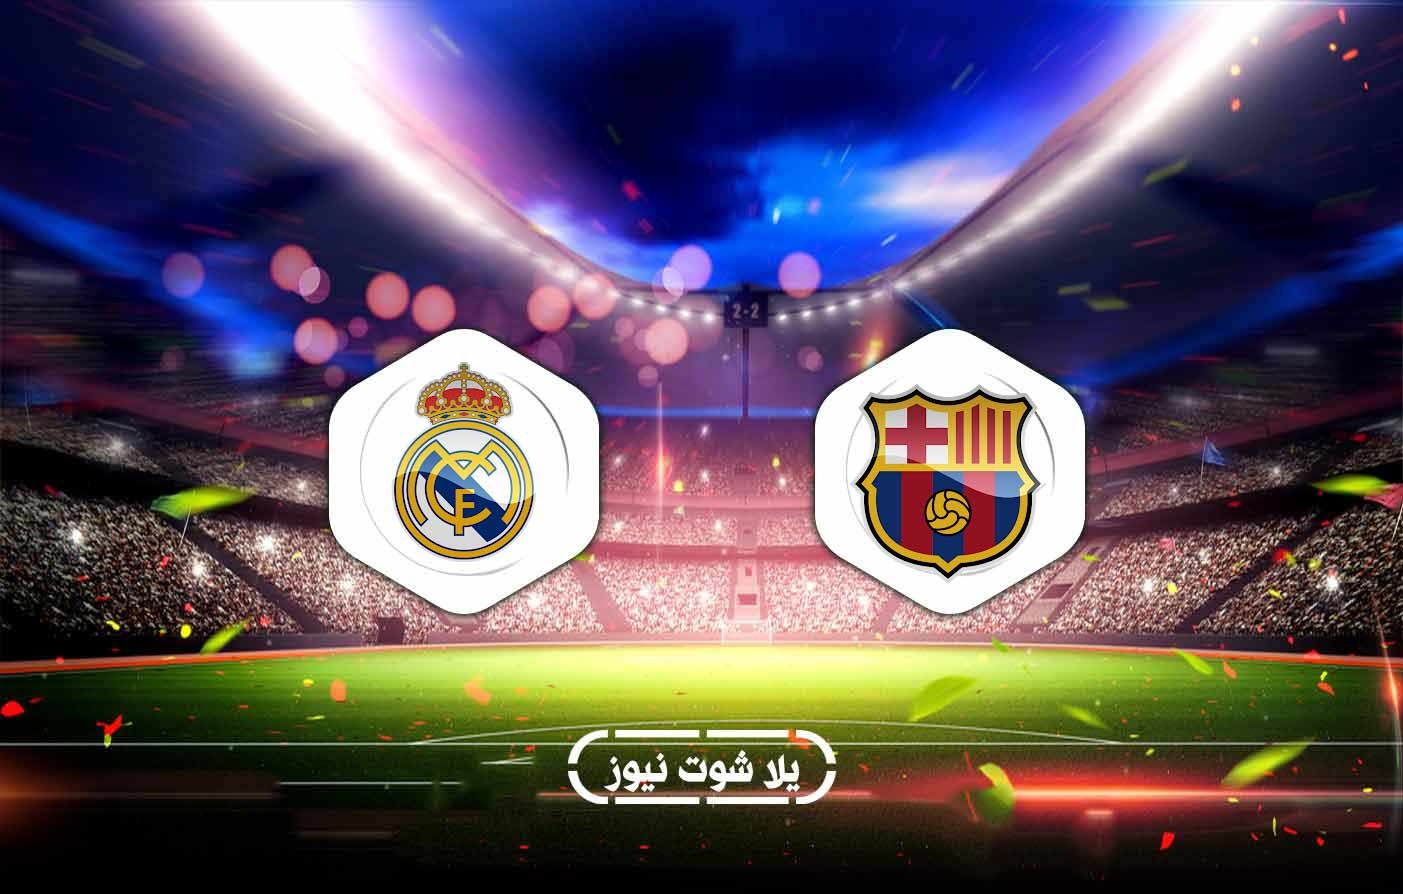 ملخص مباراة برشلونة 1-3 ريال مدريد بتاريخ 2020-10-24 الدوري الاسباني